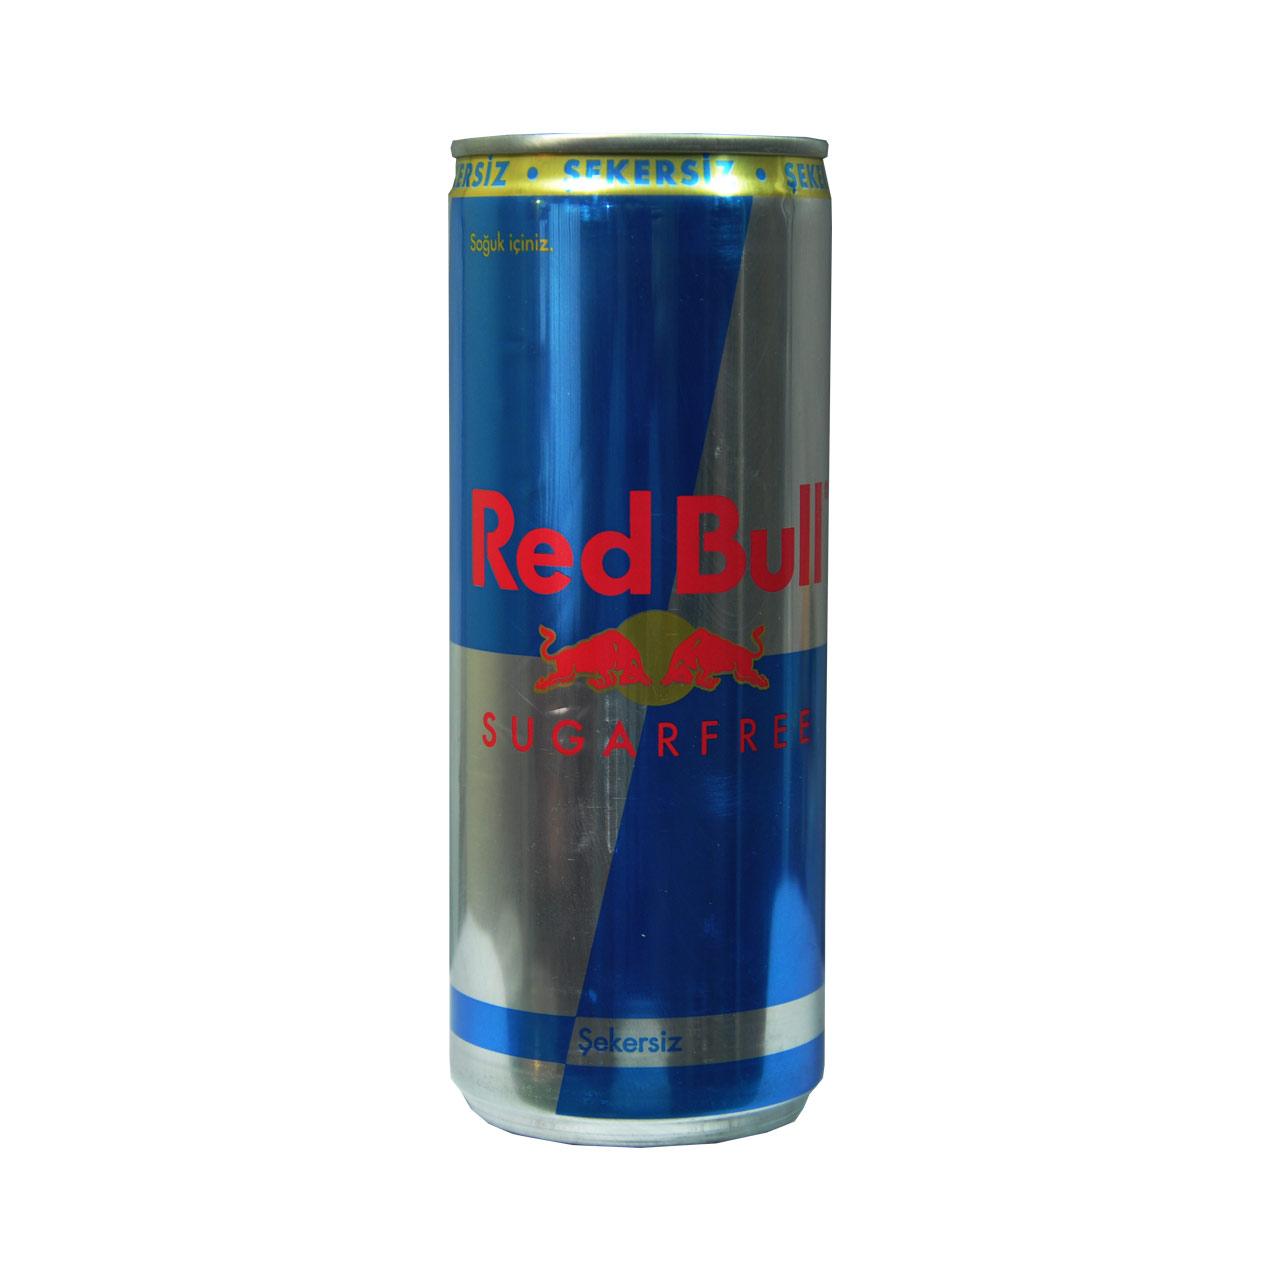 نوشیدنی ردبول بدون شکر – red bull